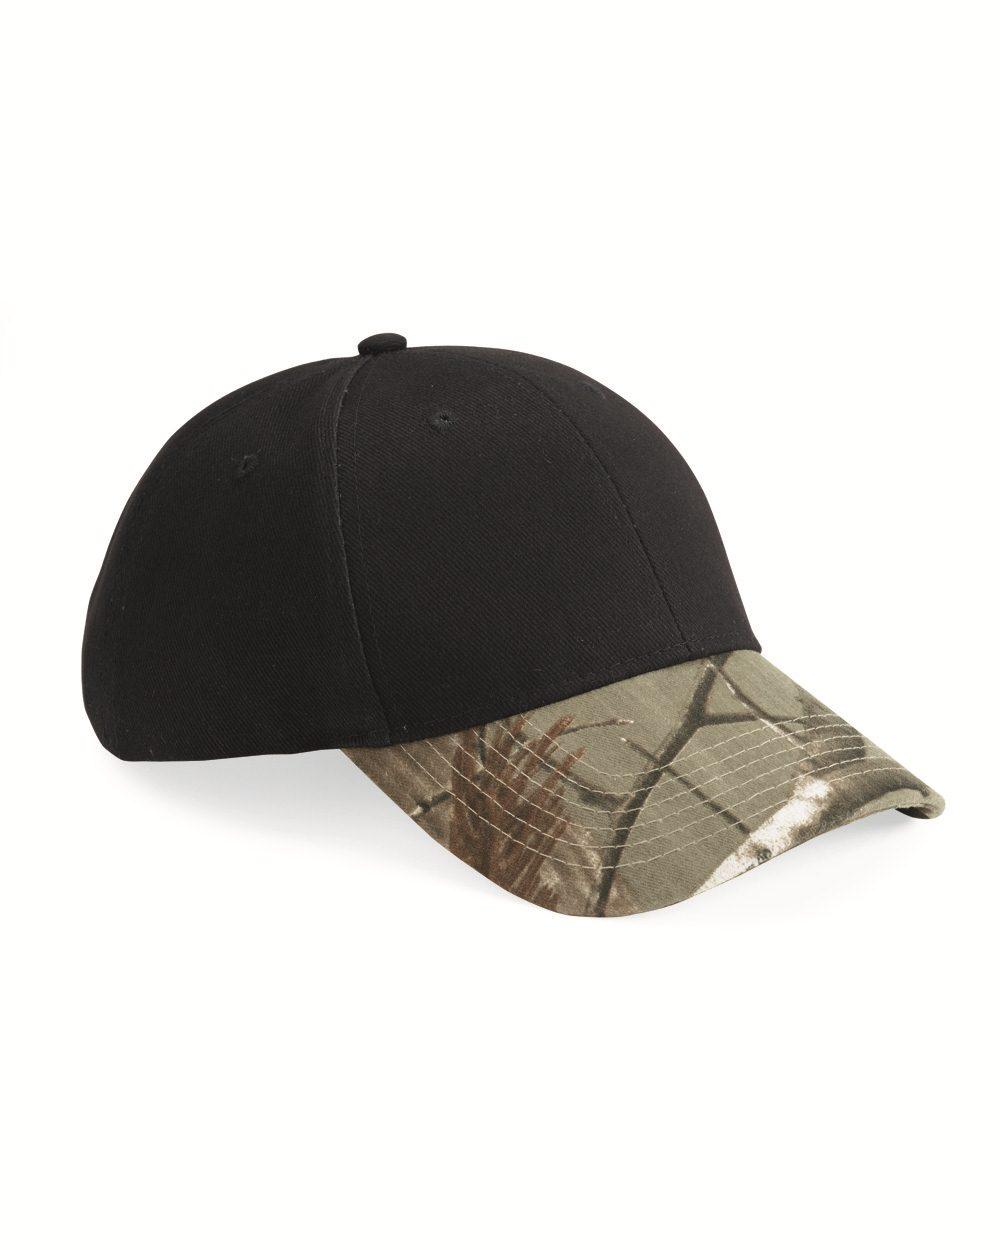 KATI MO25纯色冠顶迷彩帽檐帽子